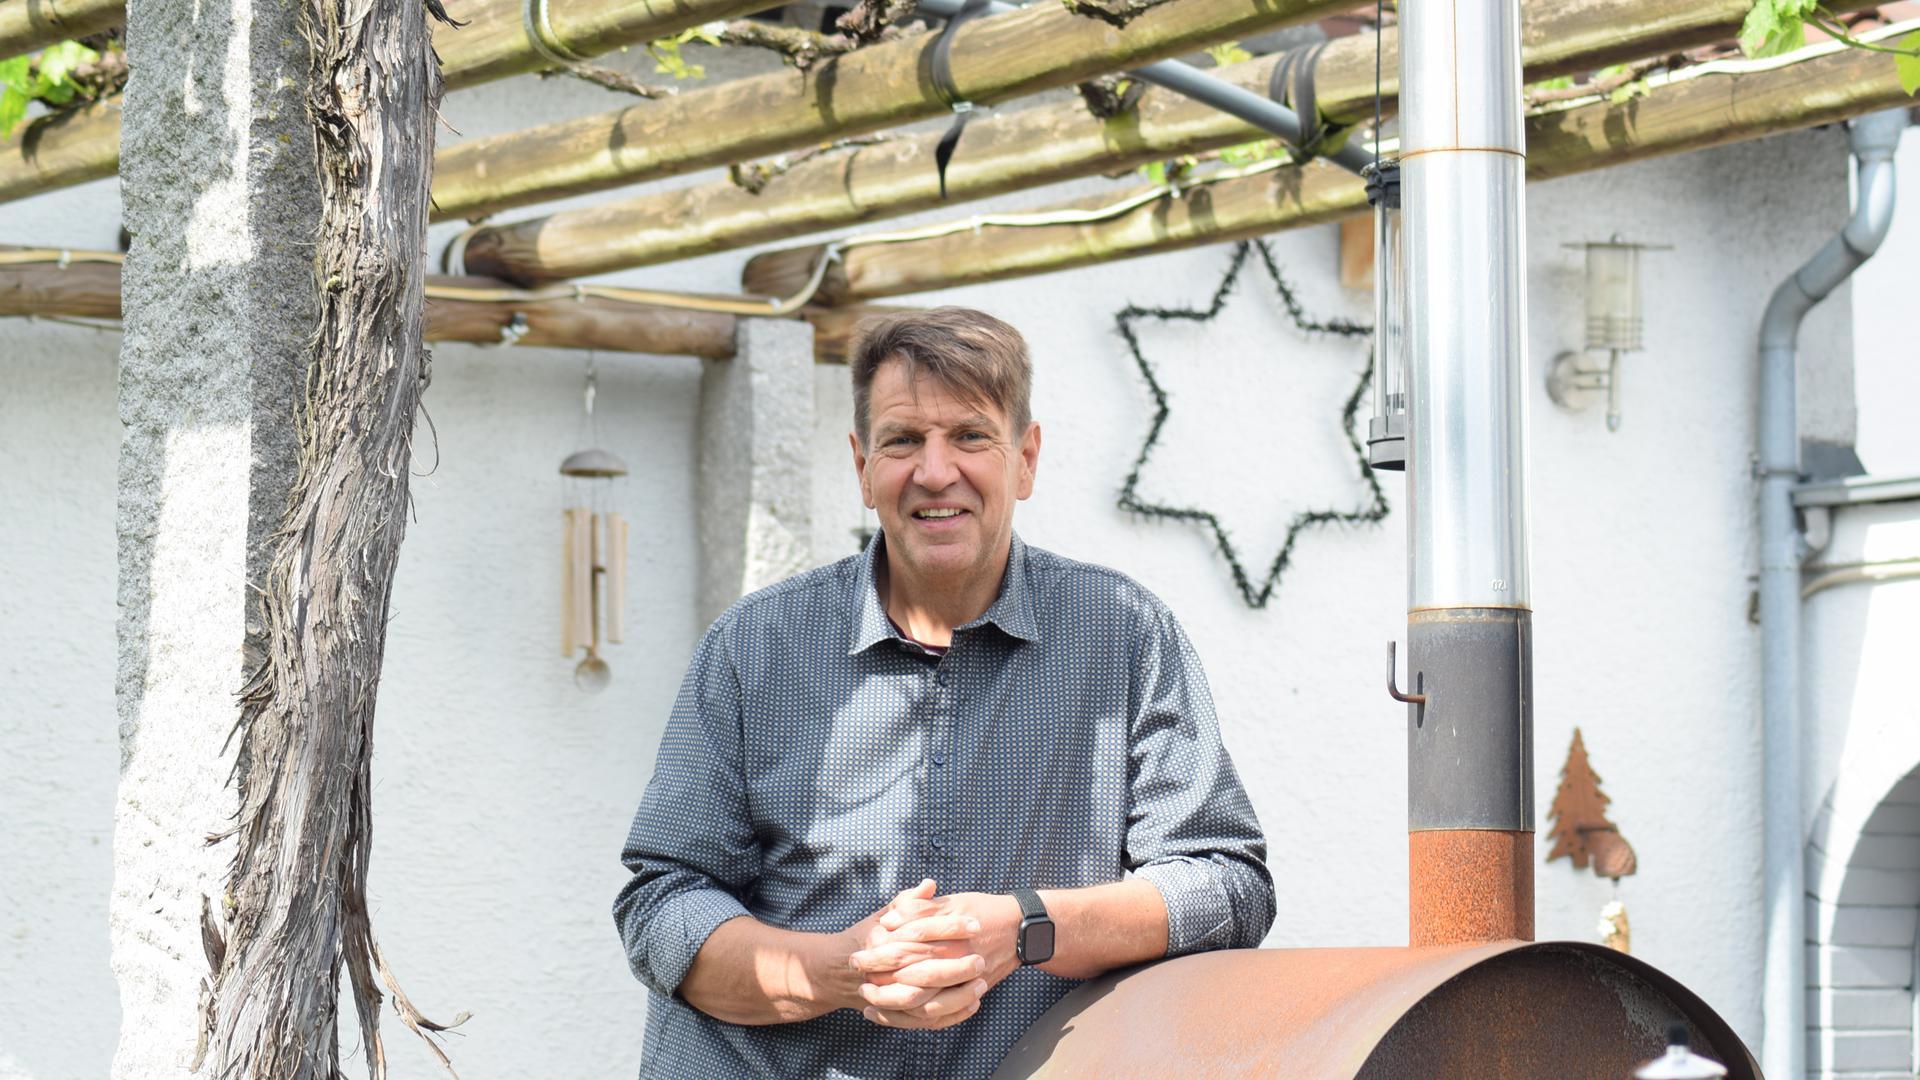 Bürgermeisterkandidat Markus Bechler steht im Garten seines Wohnhauses in Malsch.